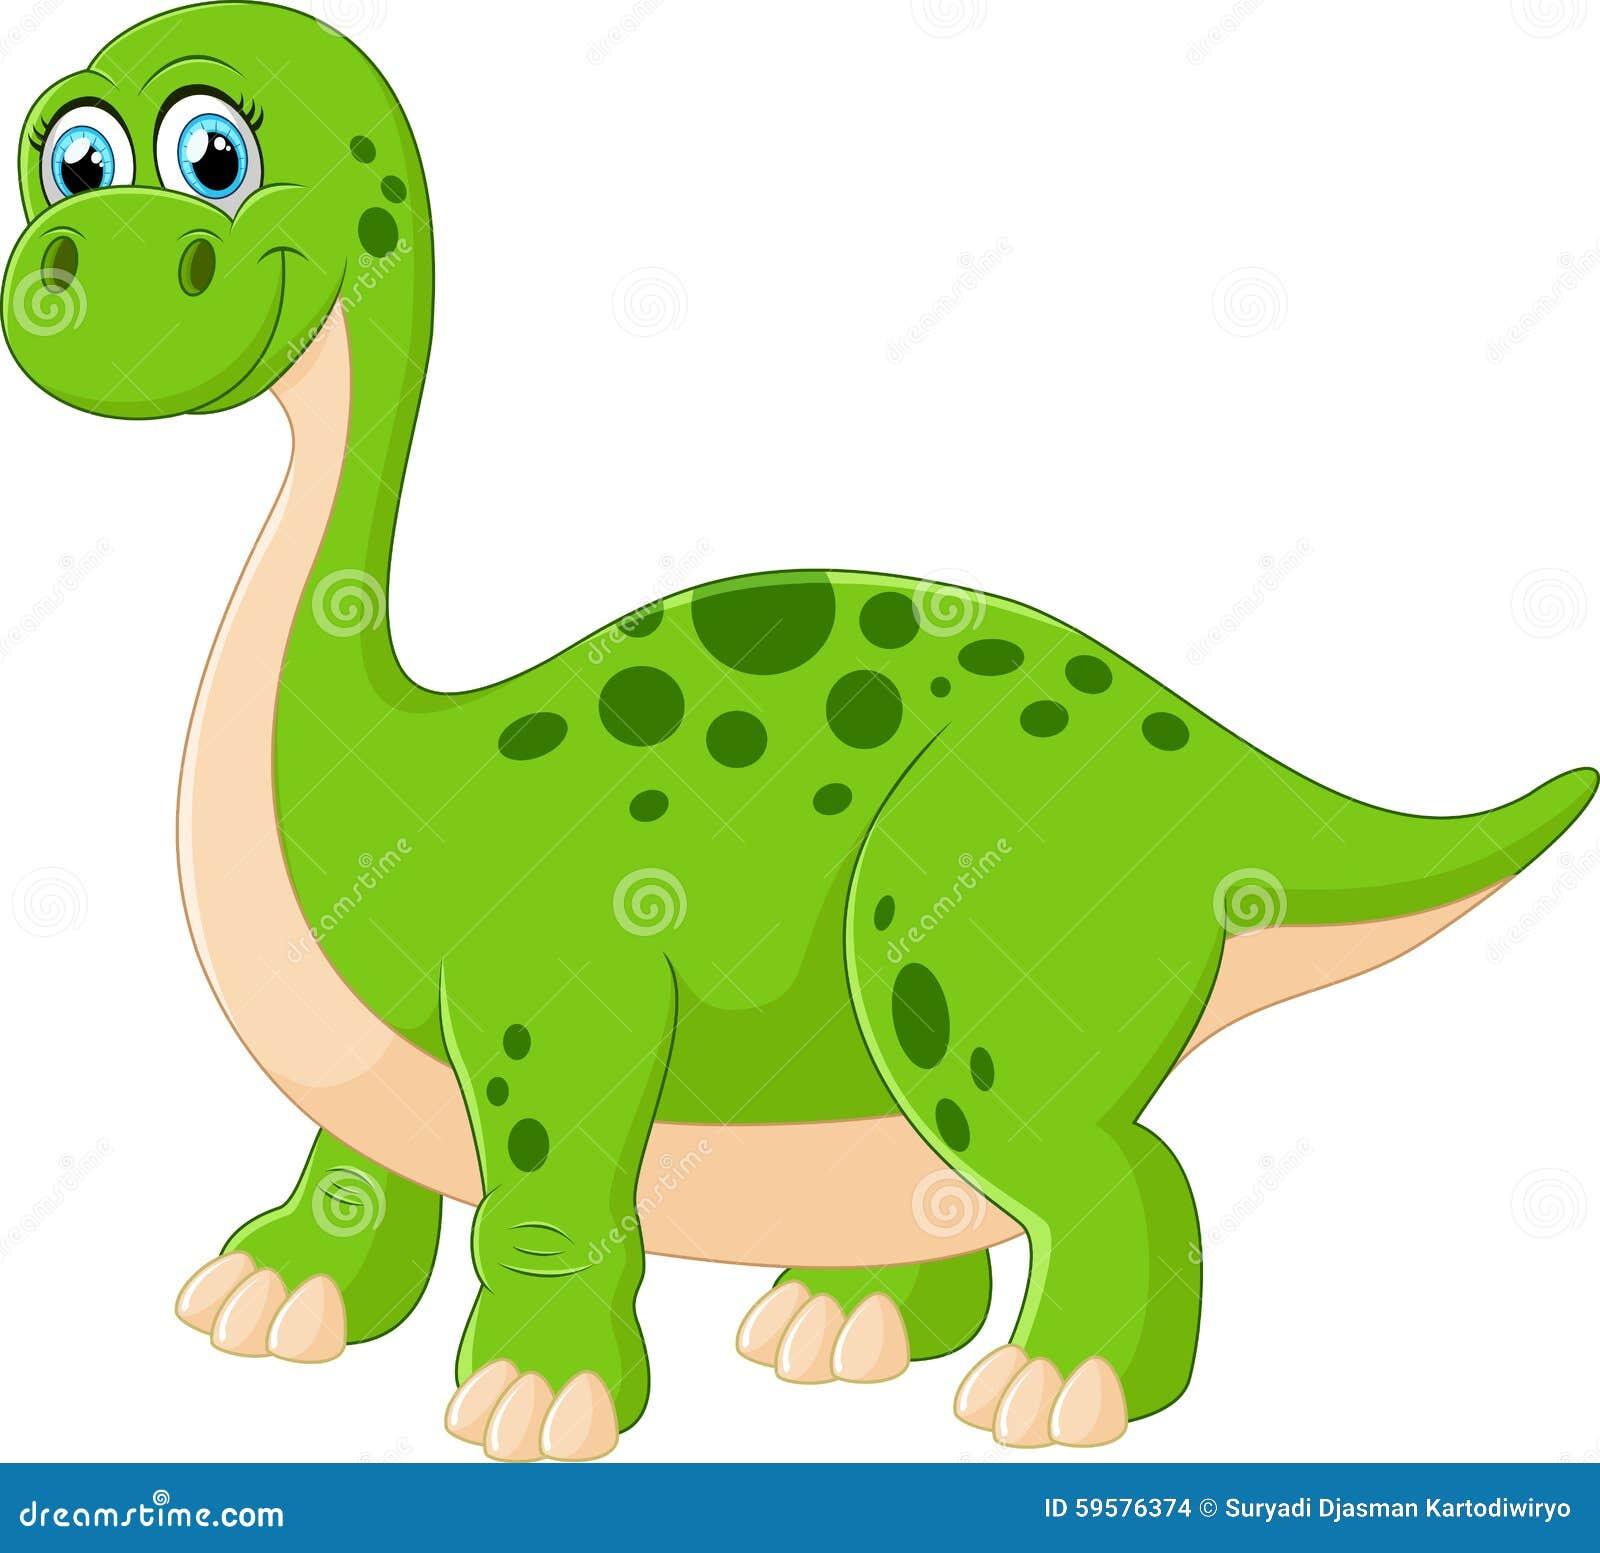 有关恐龙的动画片图片